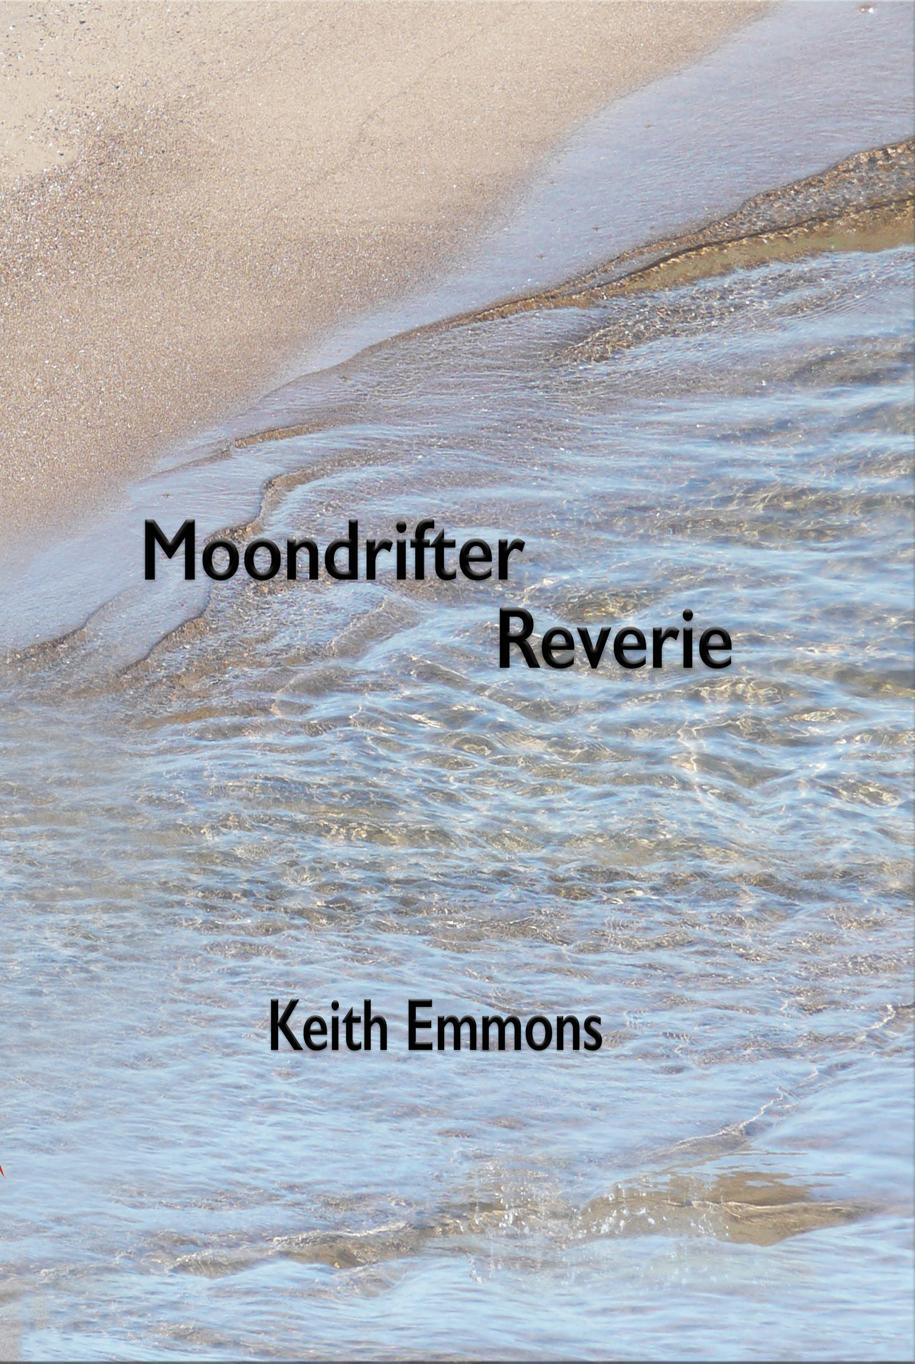 Moondrifter Reverie Keith Emmons